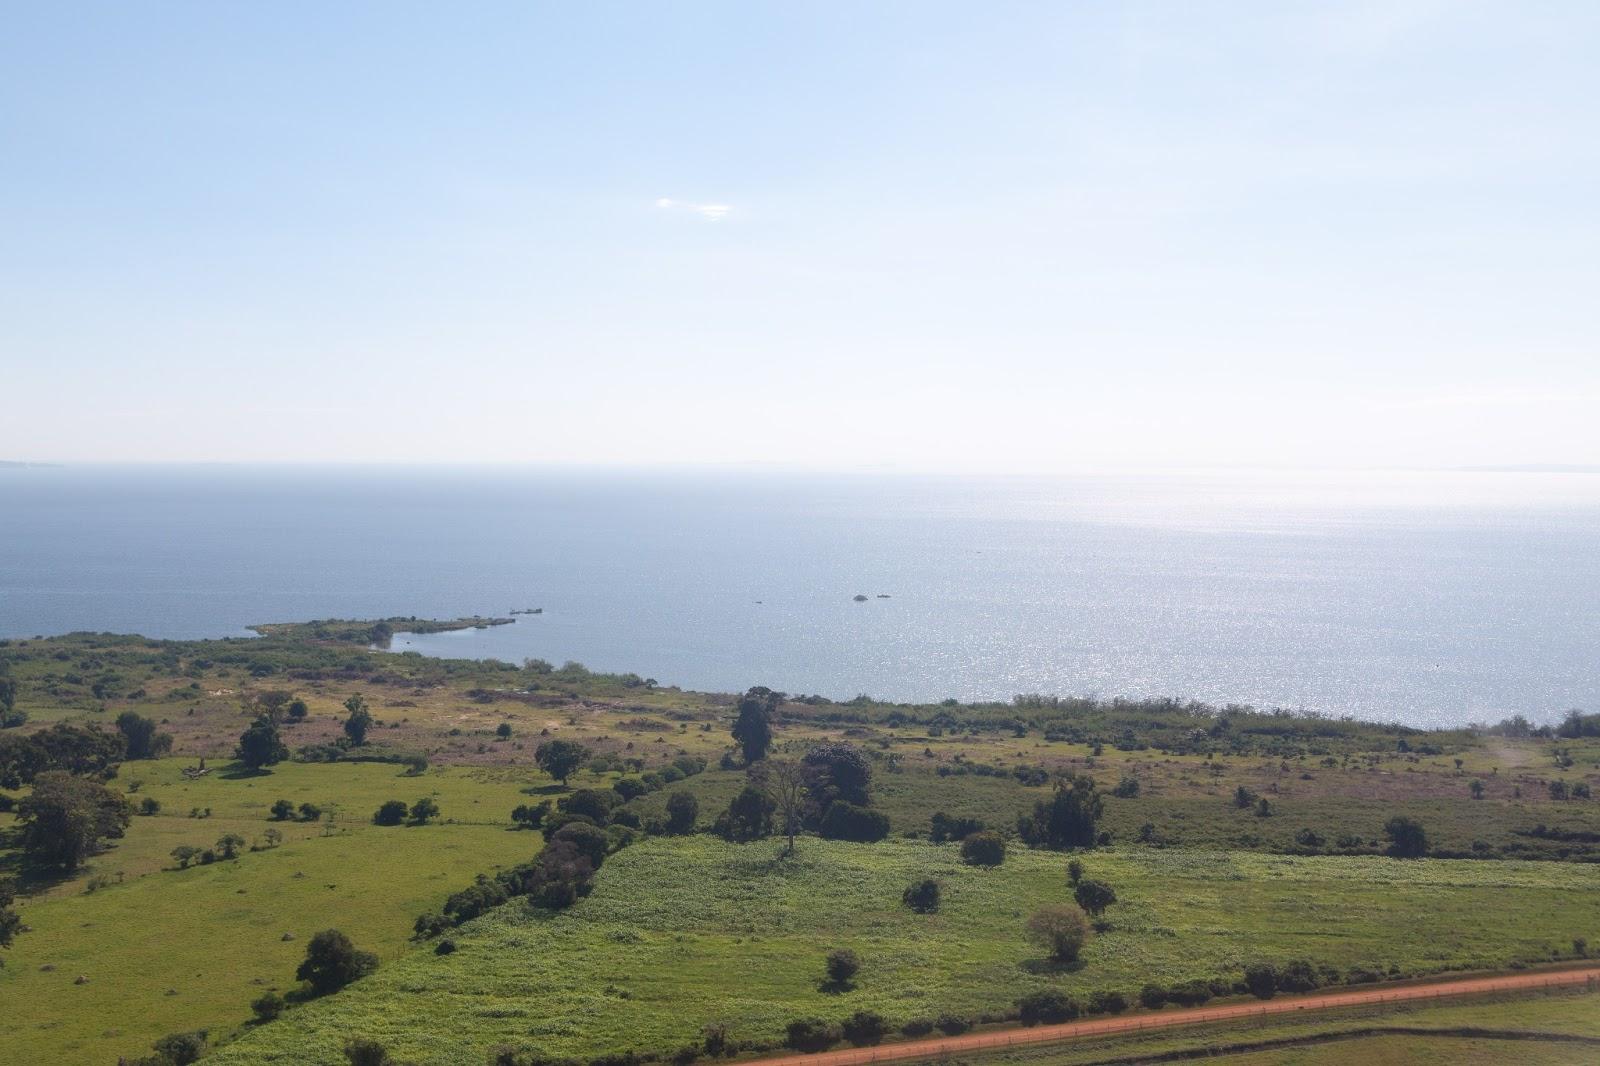 ルワンダへ | Photraveldiary